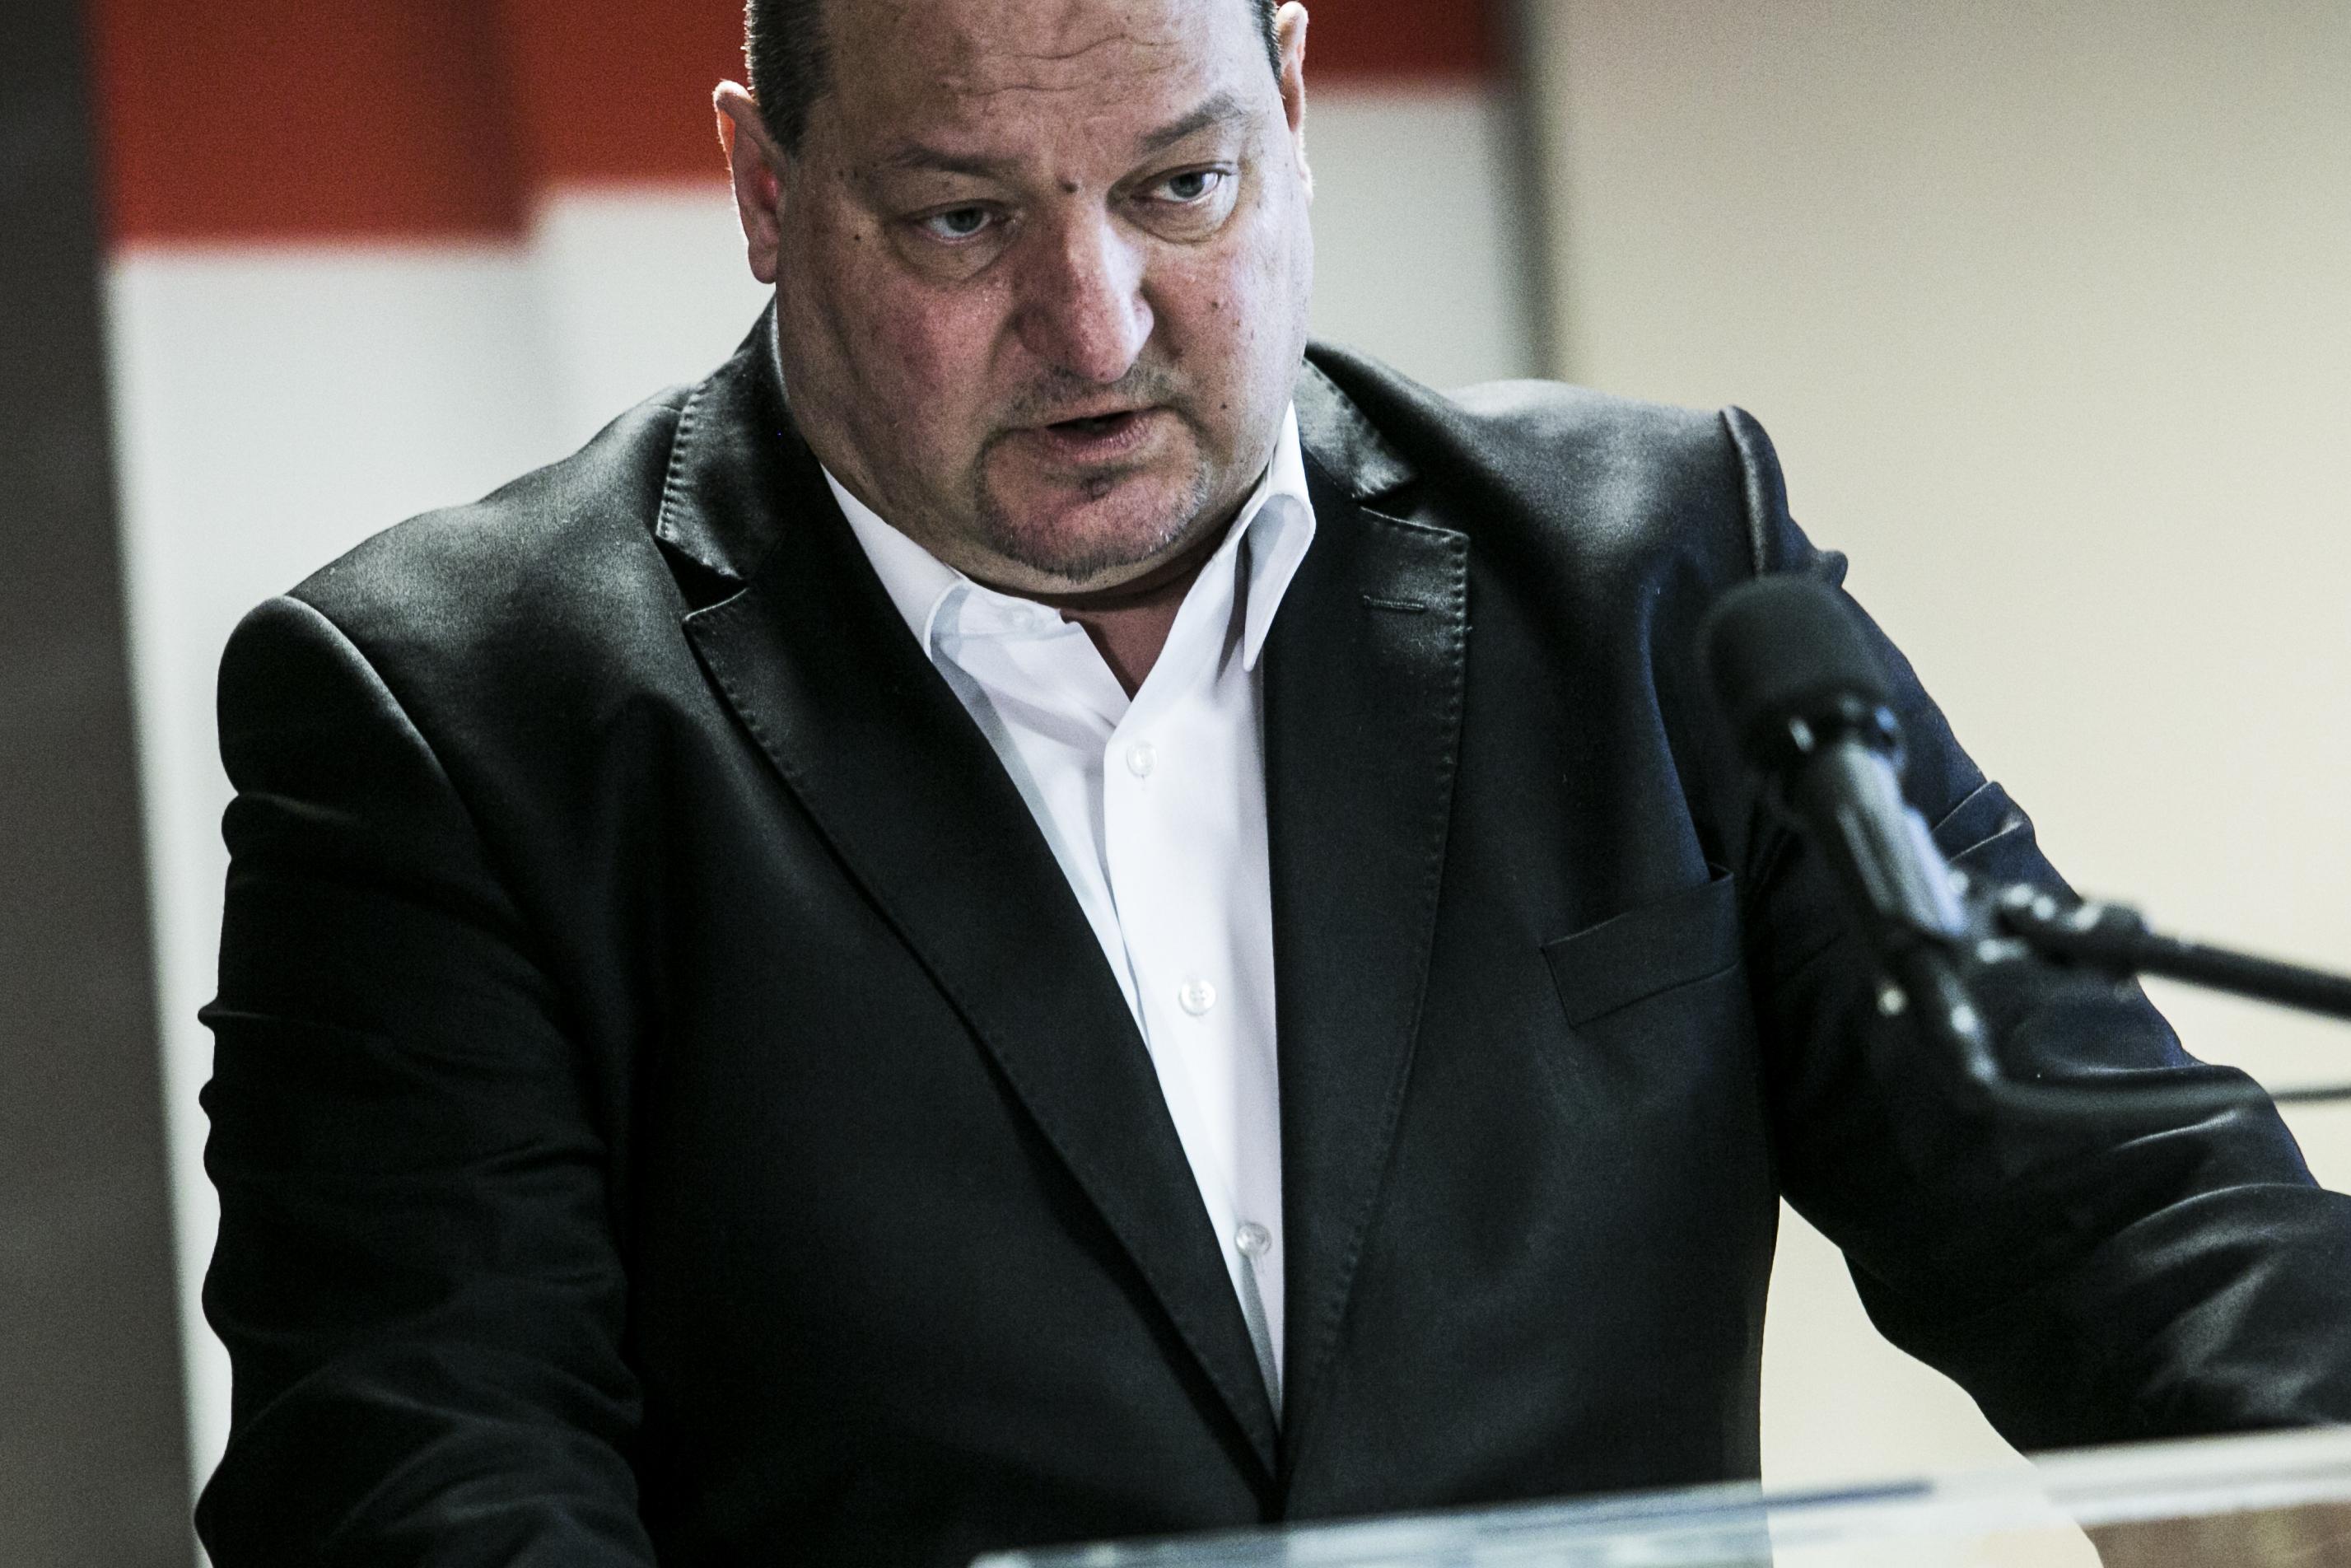 Németh Szilárd bejelentette, megalakult a bevándorlásellenes kabinet, amelyet ő maga vezet